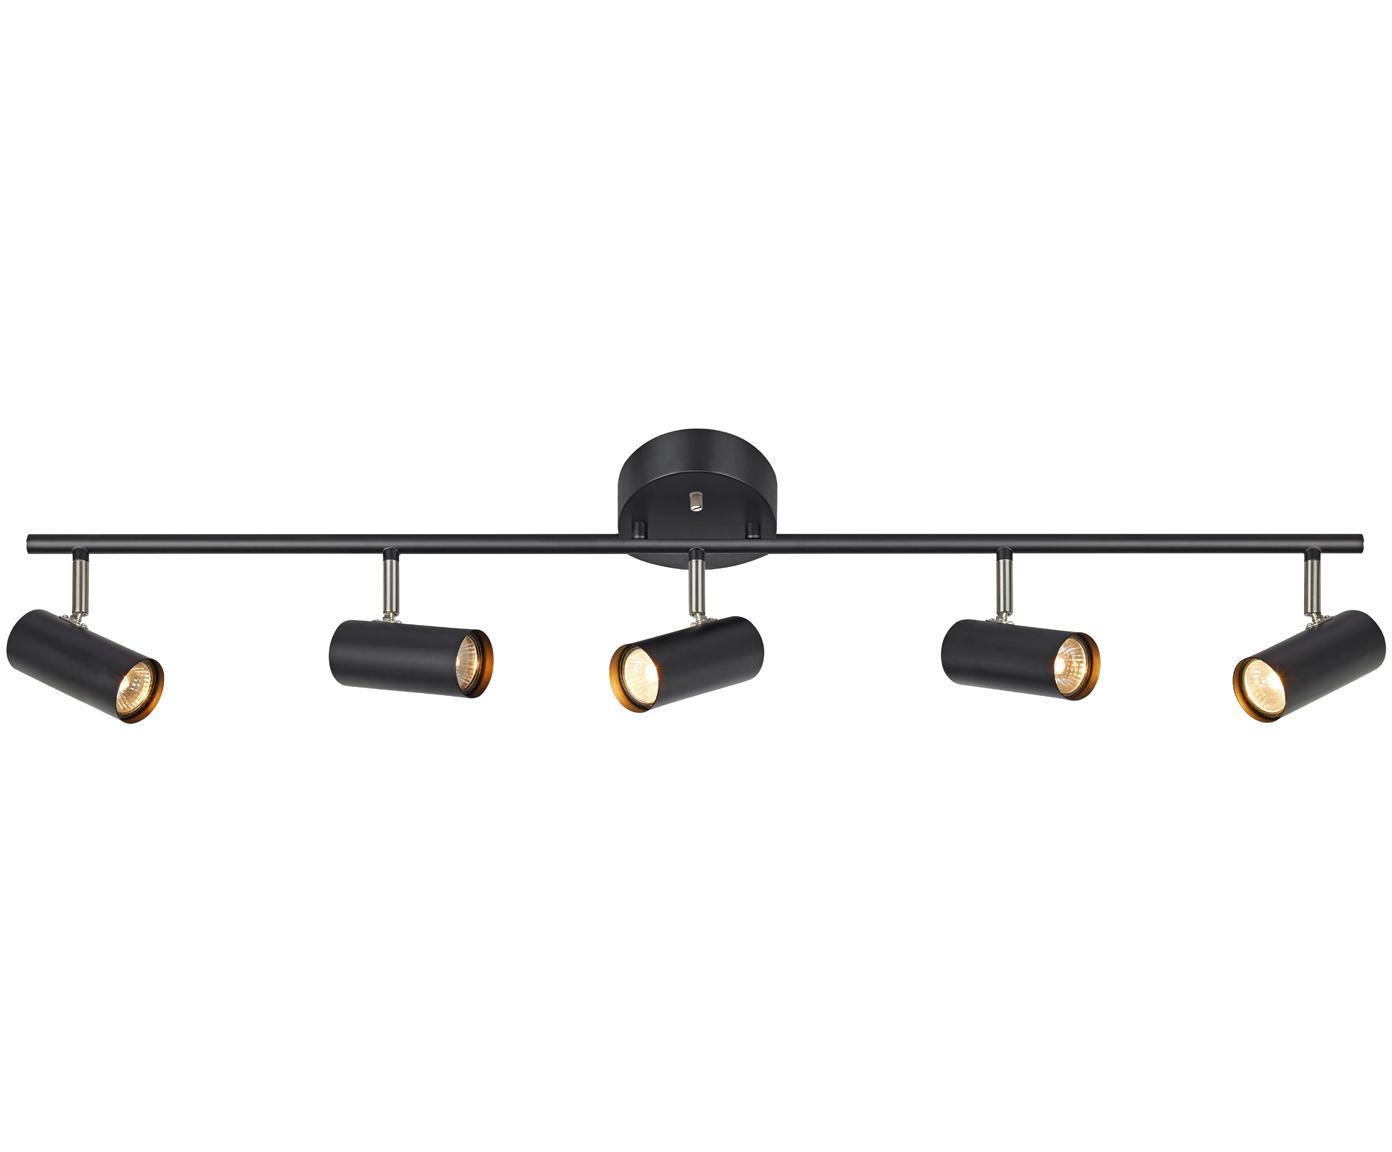 Faretti da soffitto Barcelona, Metallo rivestito, Nero, Larg. 105 x Alt. 20 cm